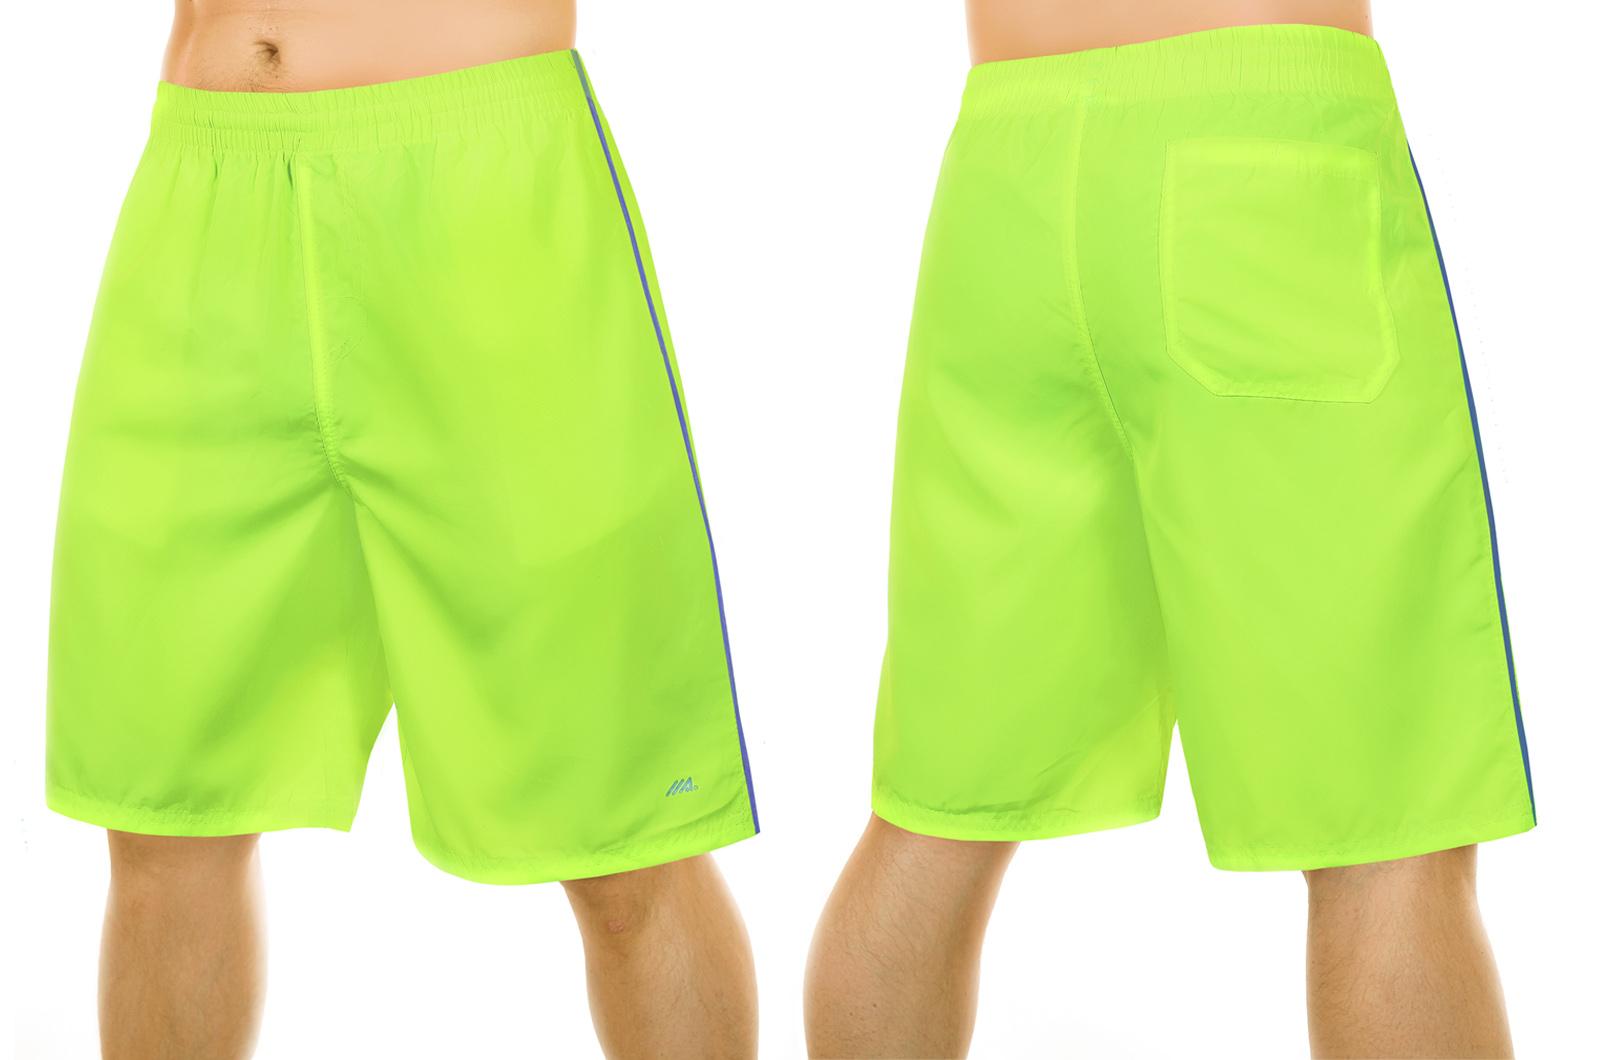 Заказать трендовые бордшорты мужские для летнего отпуска от канадского бренда MACE